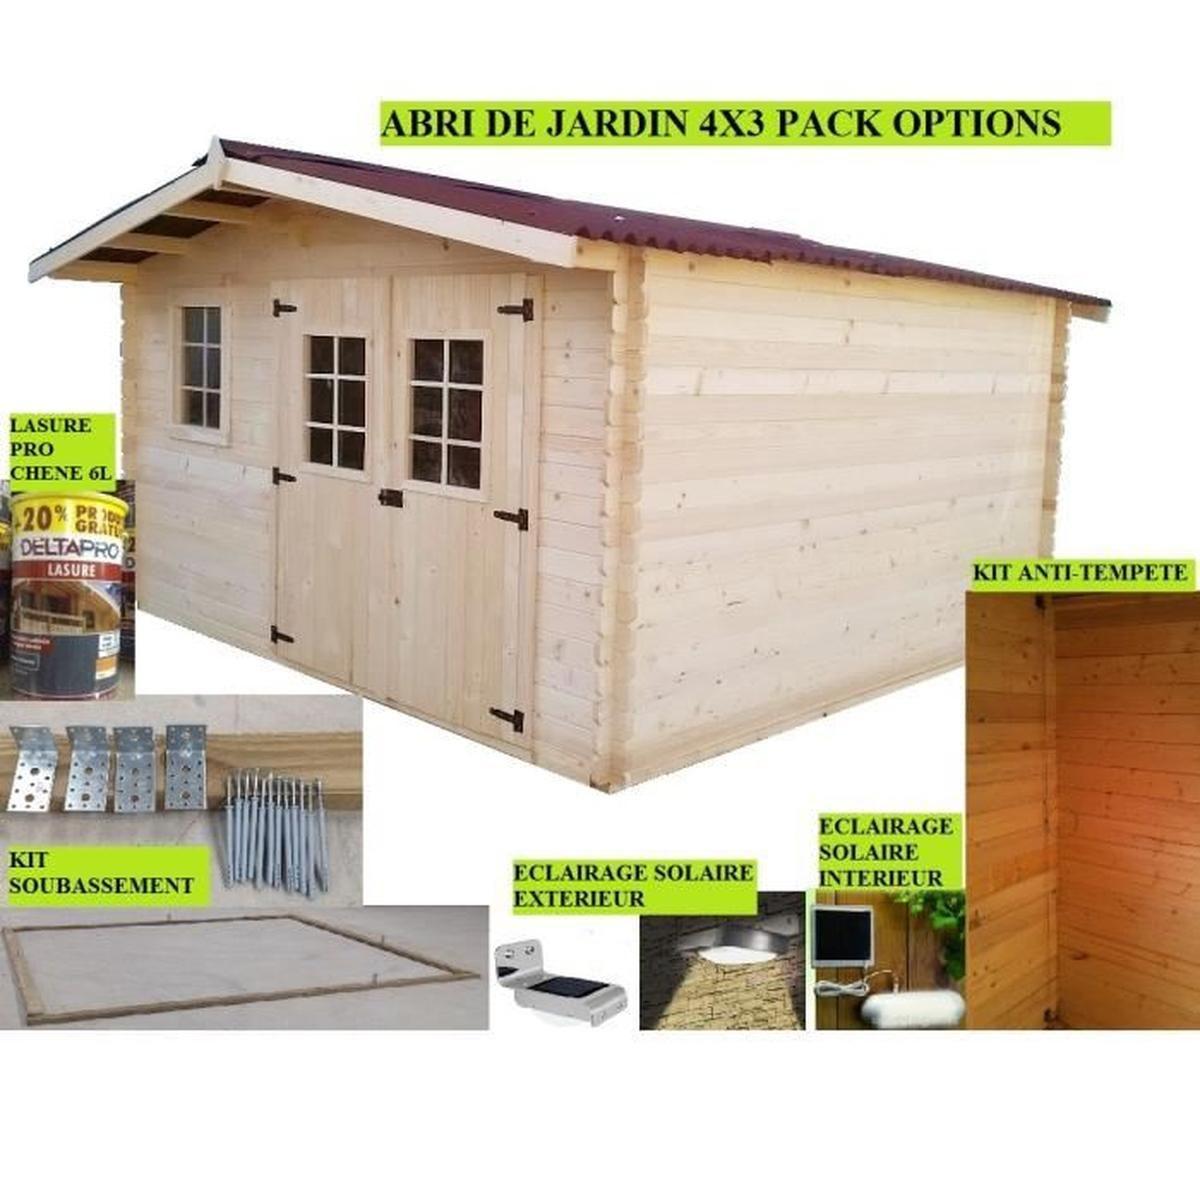 Abri De Jardin 4X3 + Pack Options - Achat / Vente Abri ... destiné Abri De Jardin Cdiscount